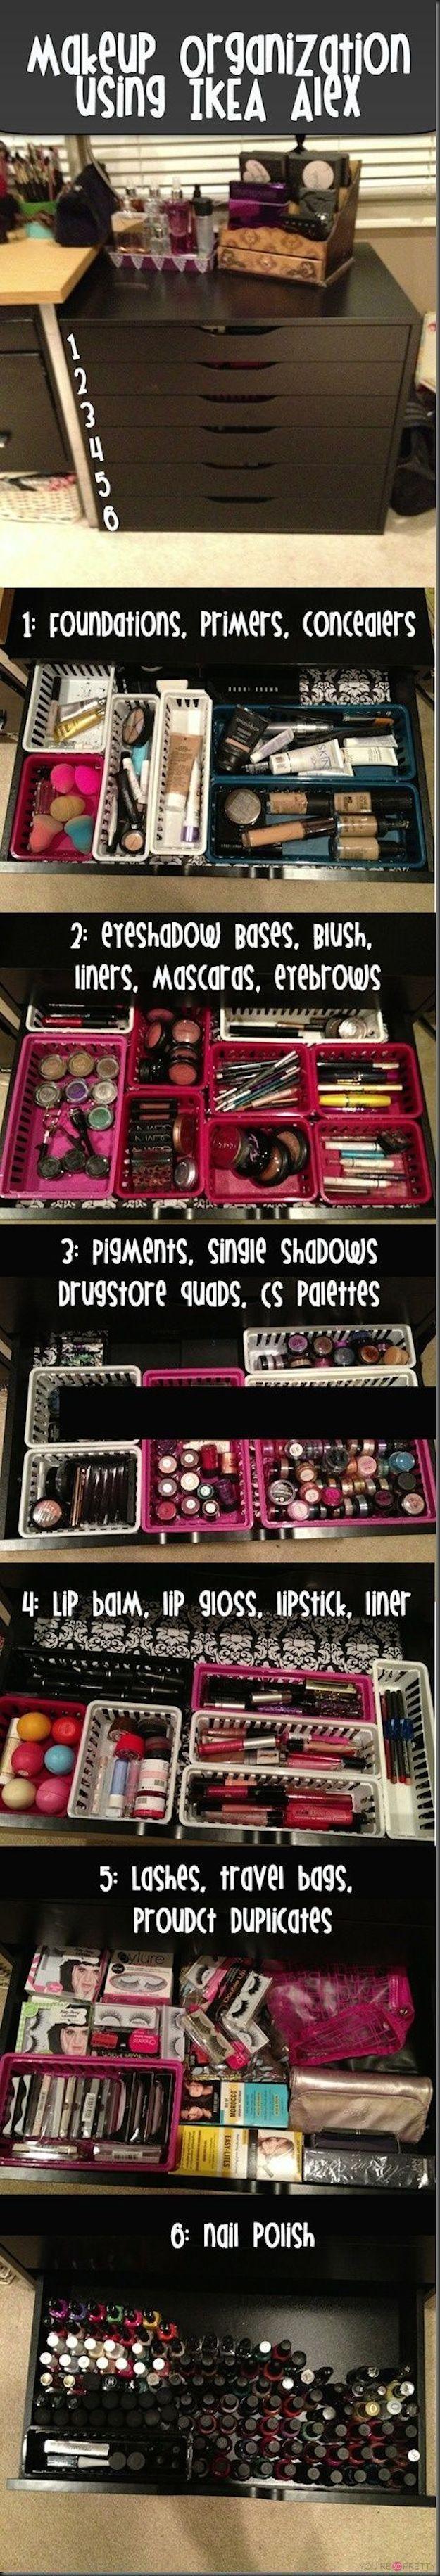 Makeup Storage Ideas | Best makeup brush sets, makeup brush holder, and makeup brush organizers at You're So Pretty. #youresopretty | youresopretty.com